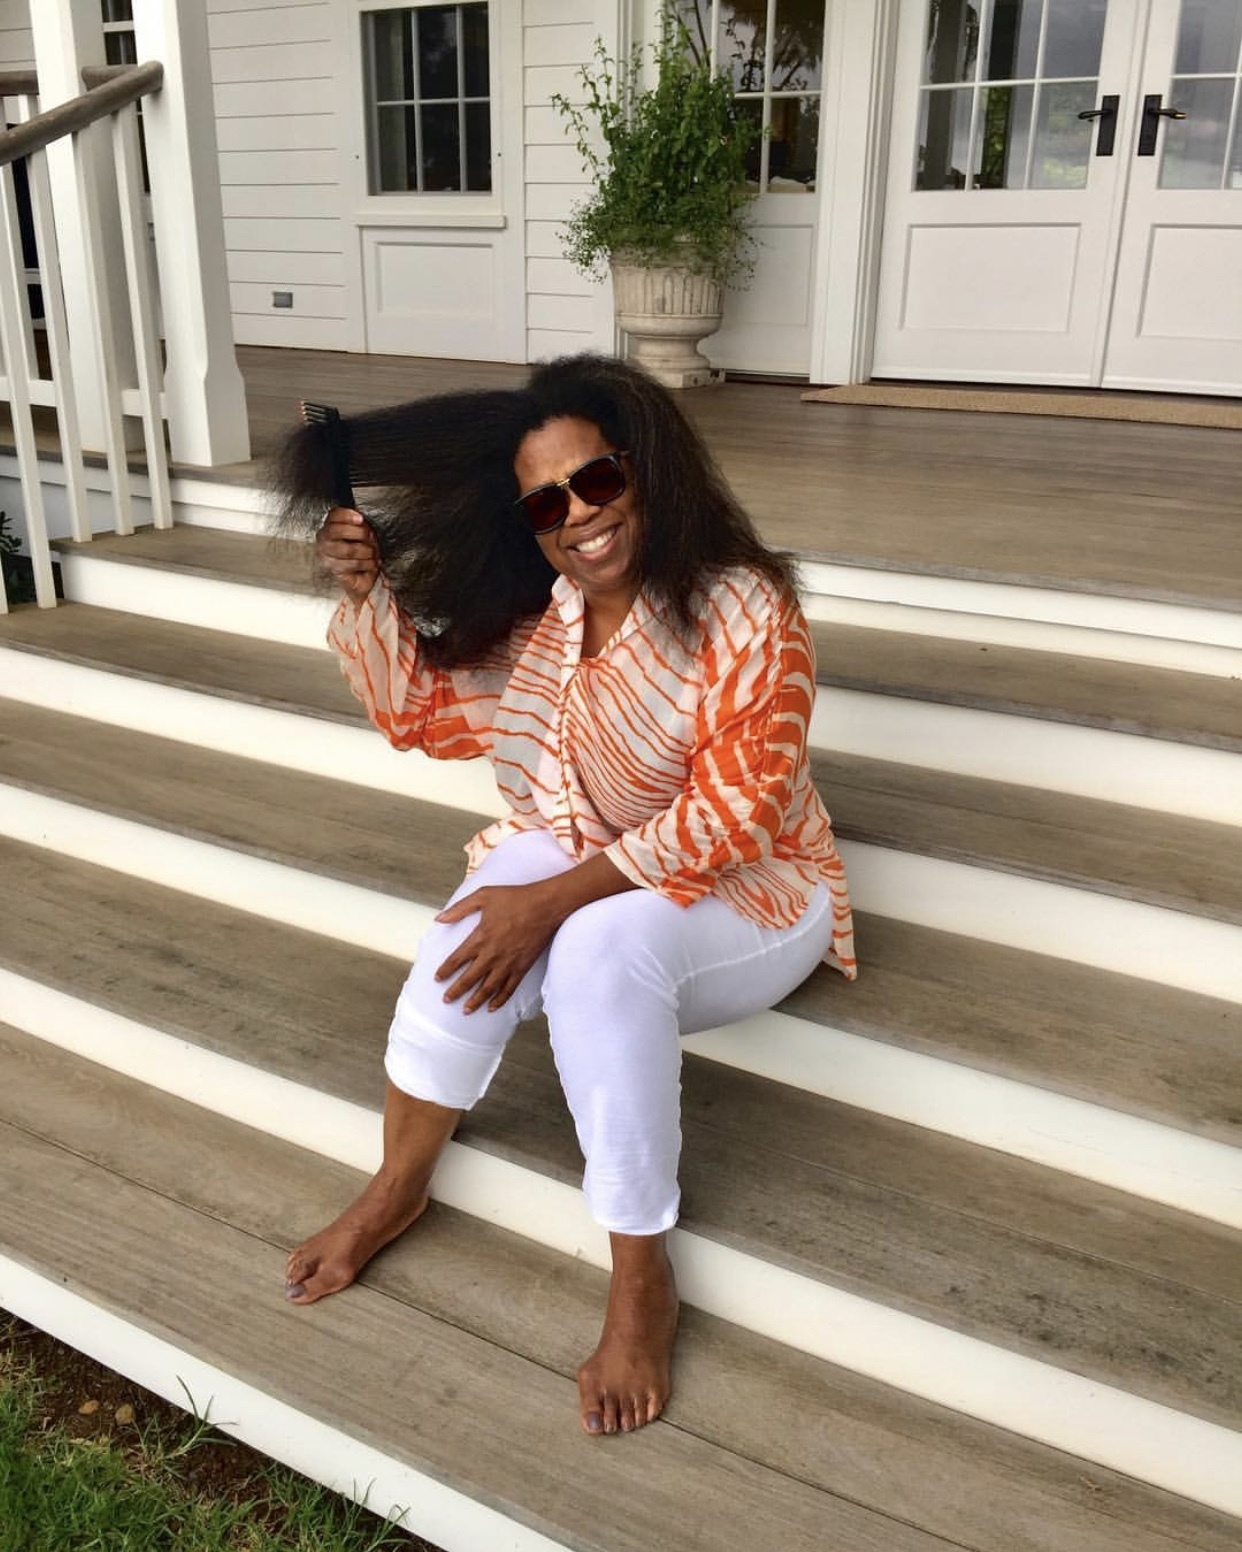 https://pics.wikifeet.com/Oprah-Winfrey-Feet-3930947.jpg